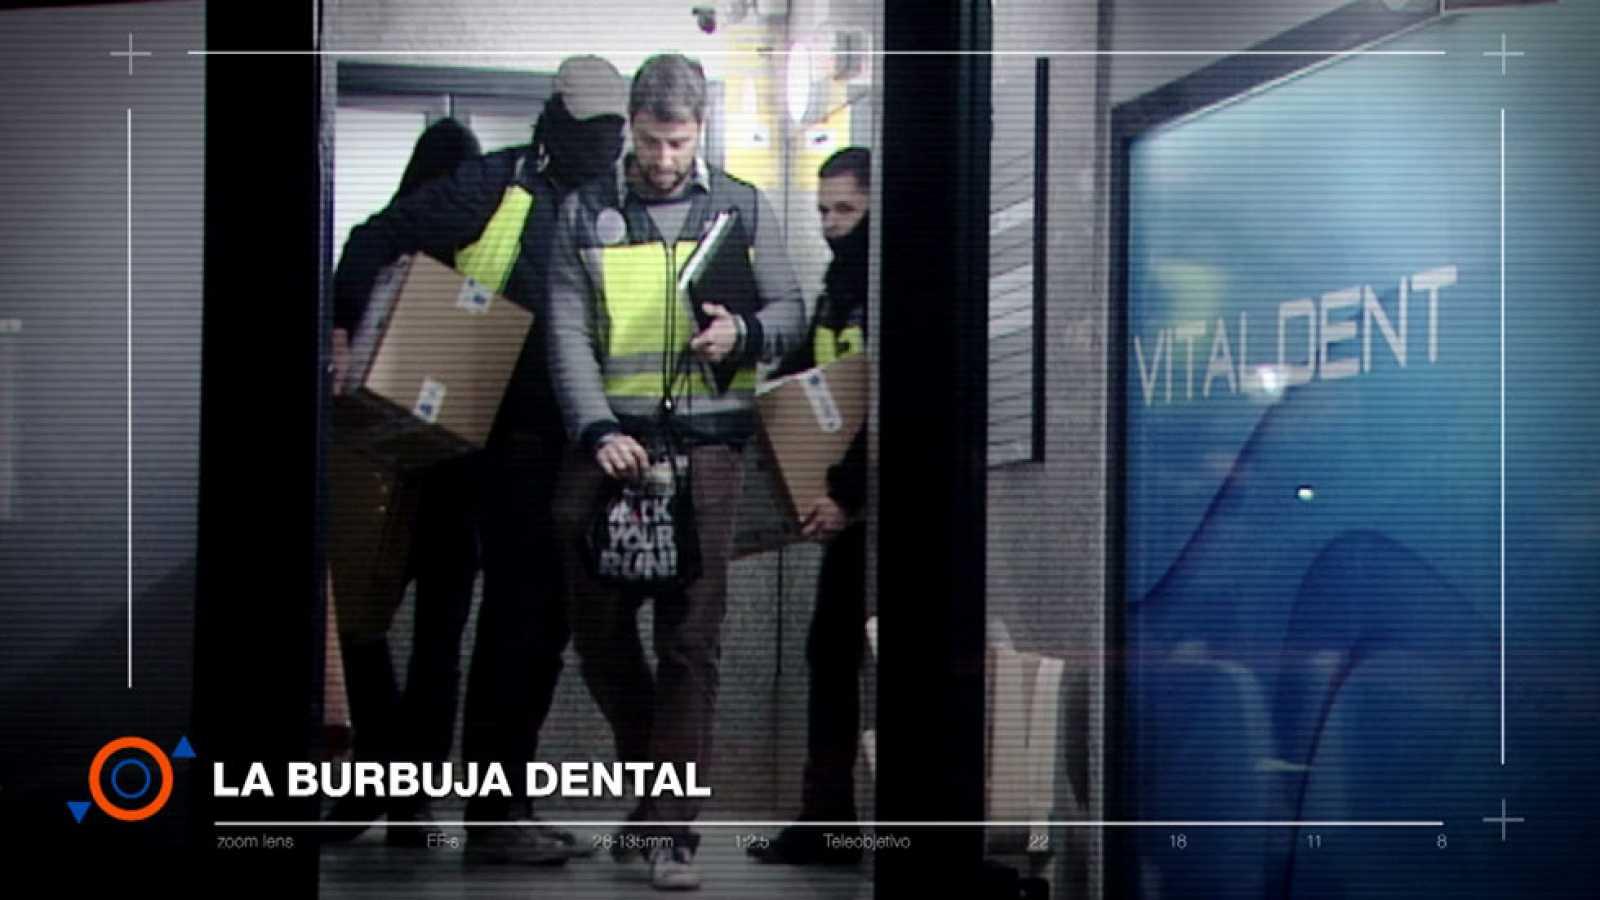 'Teleobjetivo' vuelve este martes a La 1 con el reportaje 'La burbuja dental' en el que se analiza el porqué del cierre de las clínicas dentales de Funnydent y la detención de la cúpula directiva de Vitaldent.